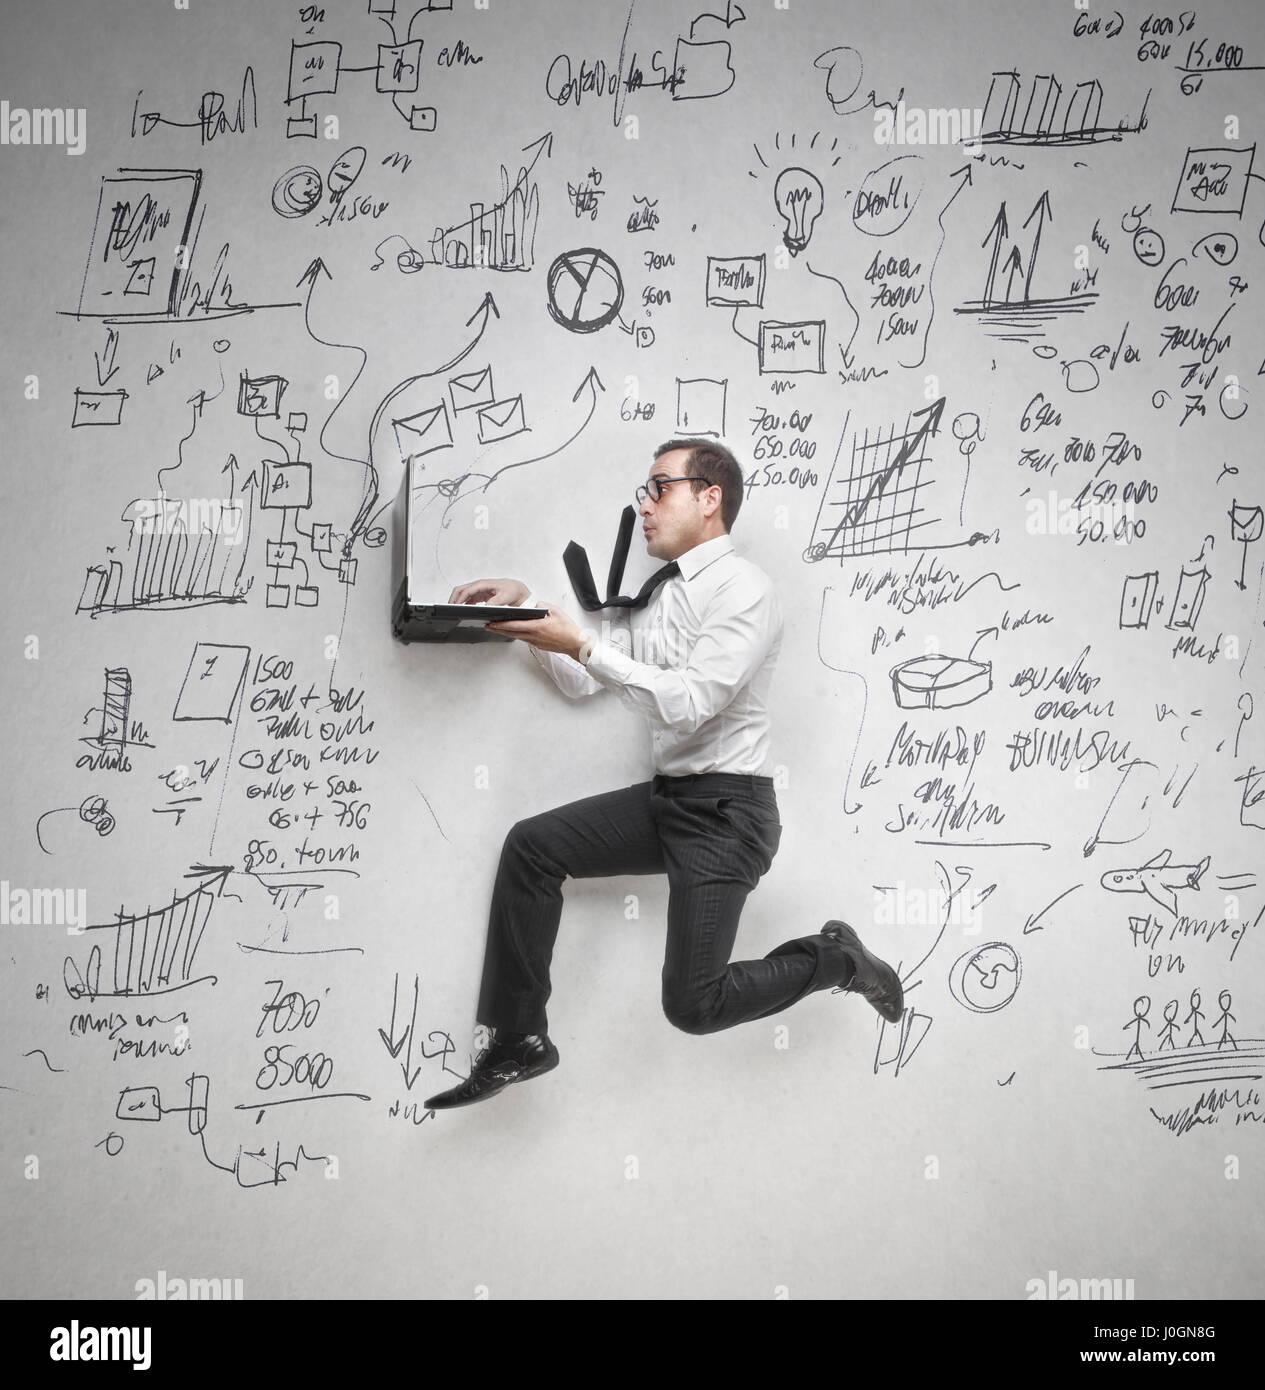 Empresario trabajando con un portátil Imagen De Stock